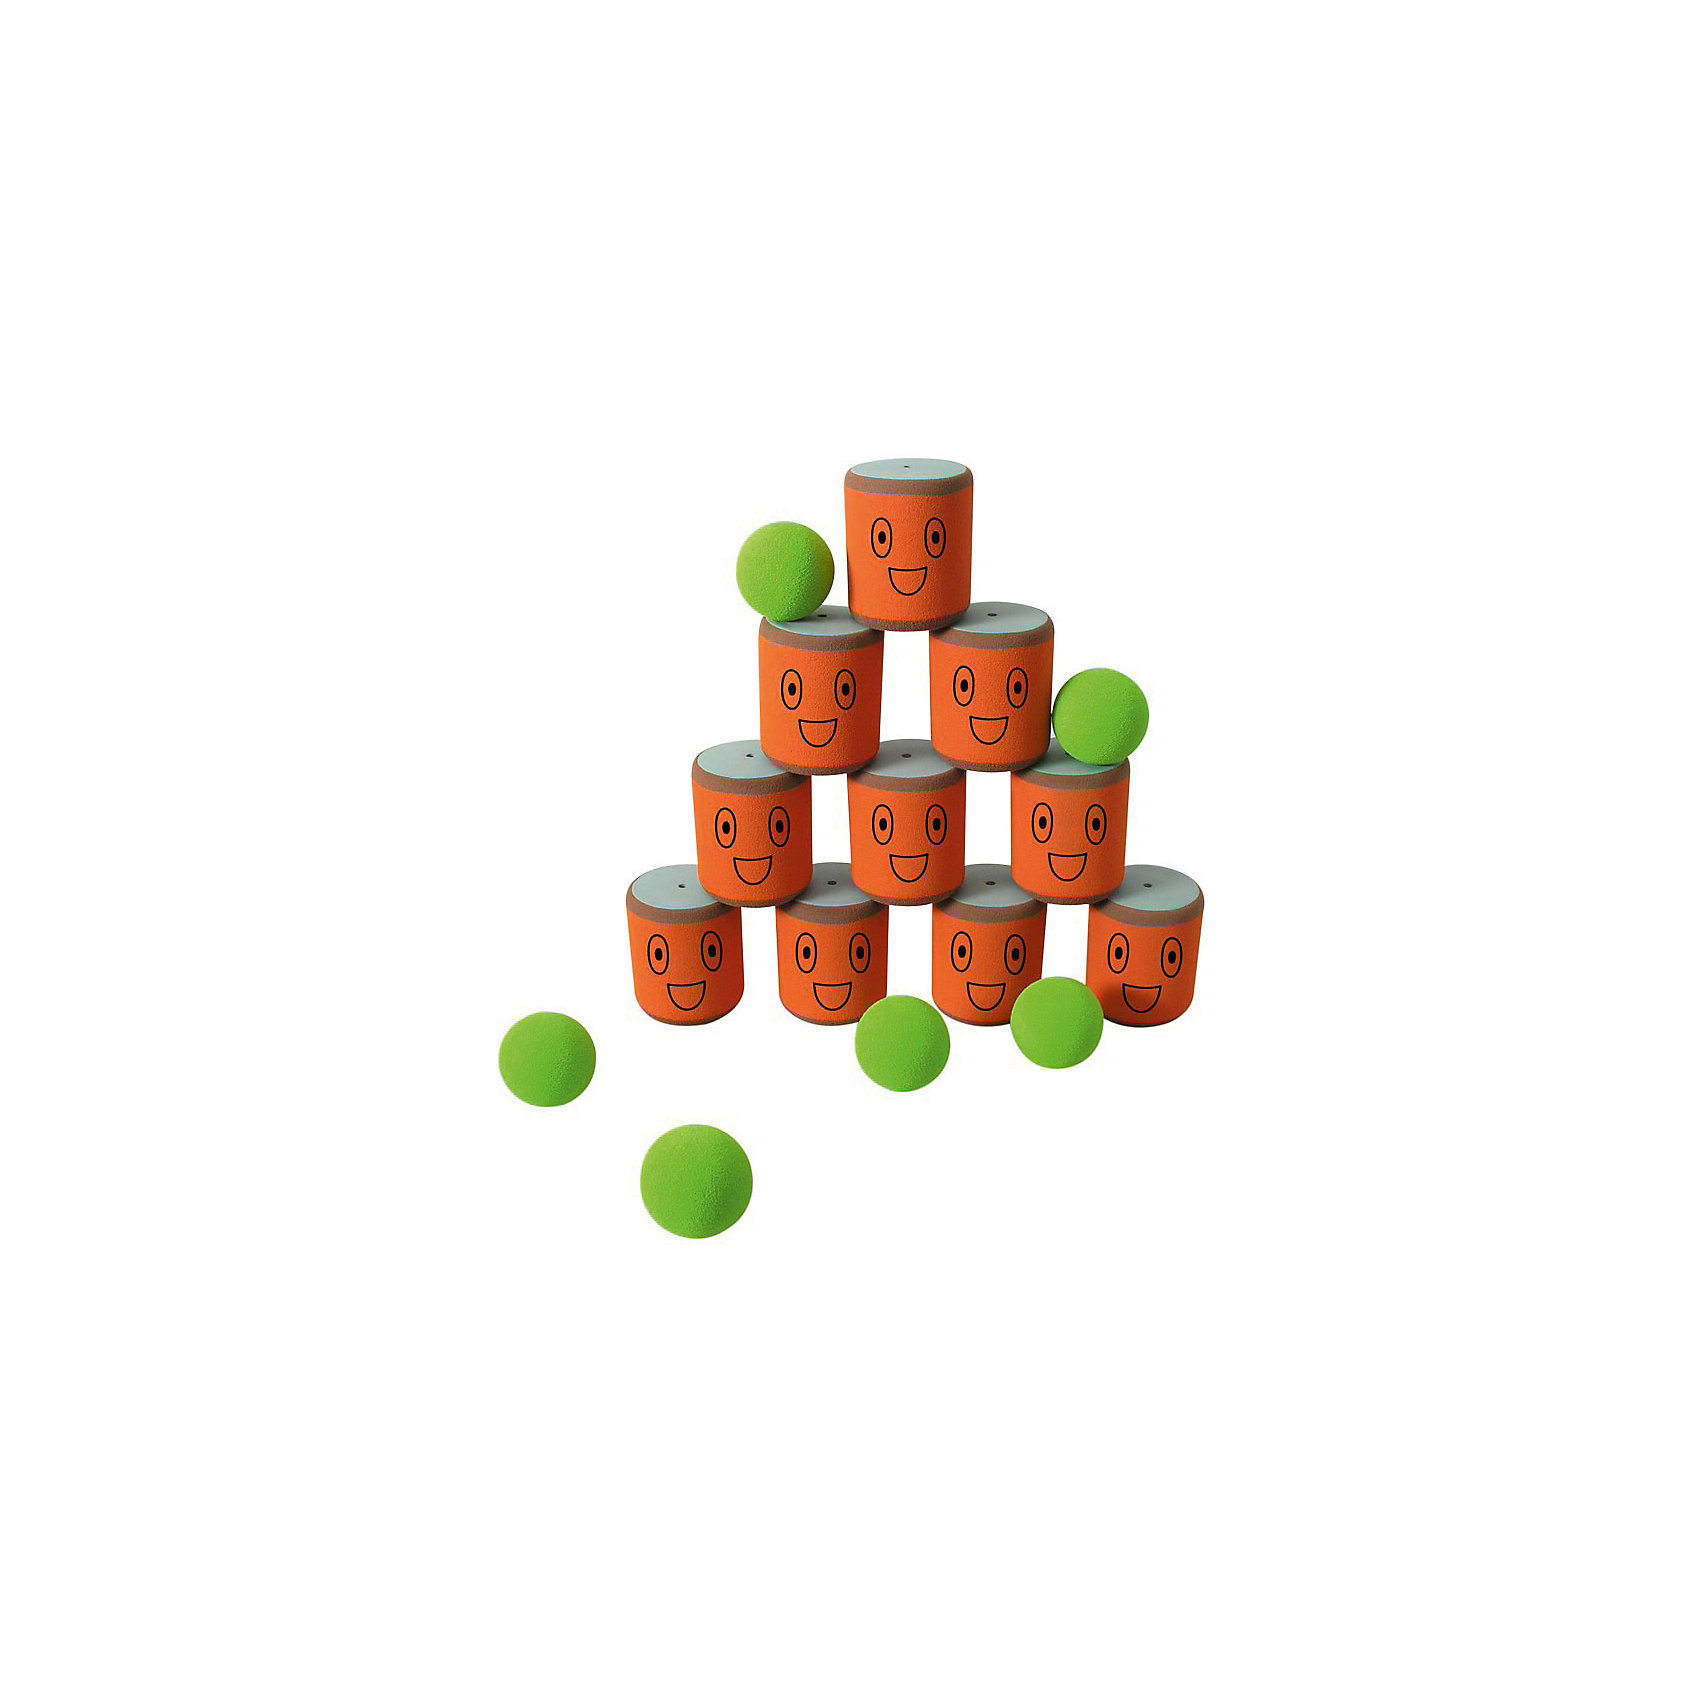 Игра Городки, в ассортименте, SafSofПравила:<br>Игра в городки заключается в выбивании фигур, построенных из трех и более городков (банок), мячами с определенного расстояния. <br>Постановка фигур и расстояние, с которого выбиваются фигуры - произвольные. <br>Количество участников: два и более. <br>Каждый участник сбивает фигуру с одного и того же расстояния. На каждую фигуру дается 3 броска. Если участнику удается сбить фигуру с первого броска, он получает 3 балла, со второго - 2 и с третьего - 1 балл соответственно. <br>Выигрывает тот участник, который набирает наибольшее количество баллов за игру. <br><br>В наборе: 10 банок, 6 мячей для сбивания фигур.<br><br>ВНИМАНИЕ! Данный артикул имеется в наличии в разных цветовых исполнениях. К сожалению, заранее выбрать определенный цвет не возможно.<br><br>Ширина мм: 495<br>Глубина мм: 370<br>Высота мм: 85<br>Вес г: 810<br>Возраст от месяцев: 36<br>Возраст до месяцев: 1188<br>Пол: Унисекс<br>Возраст: Детский<br>SKU: 2251817